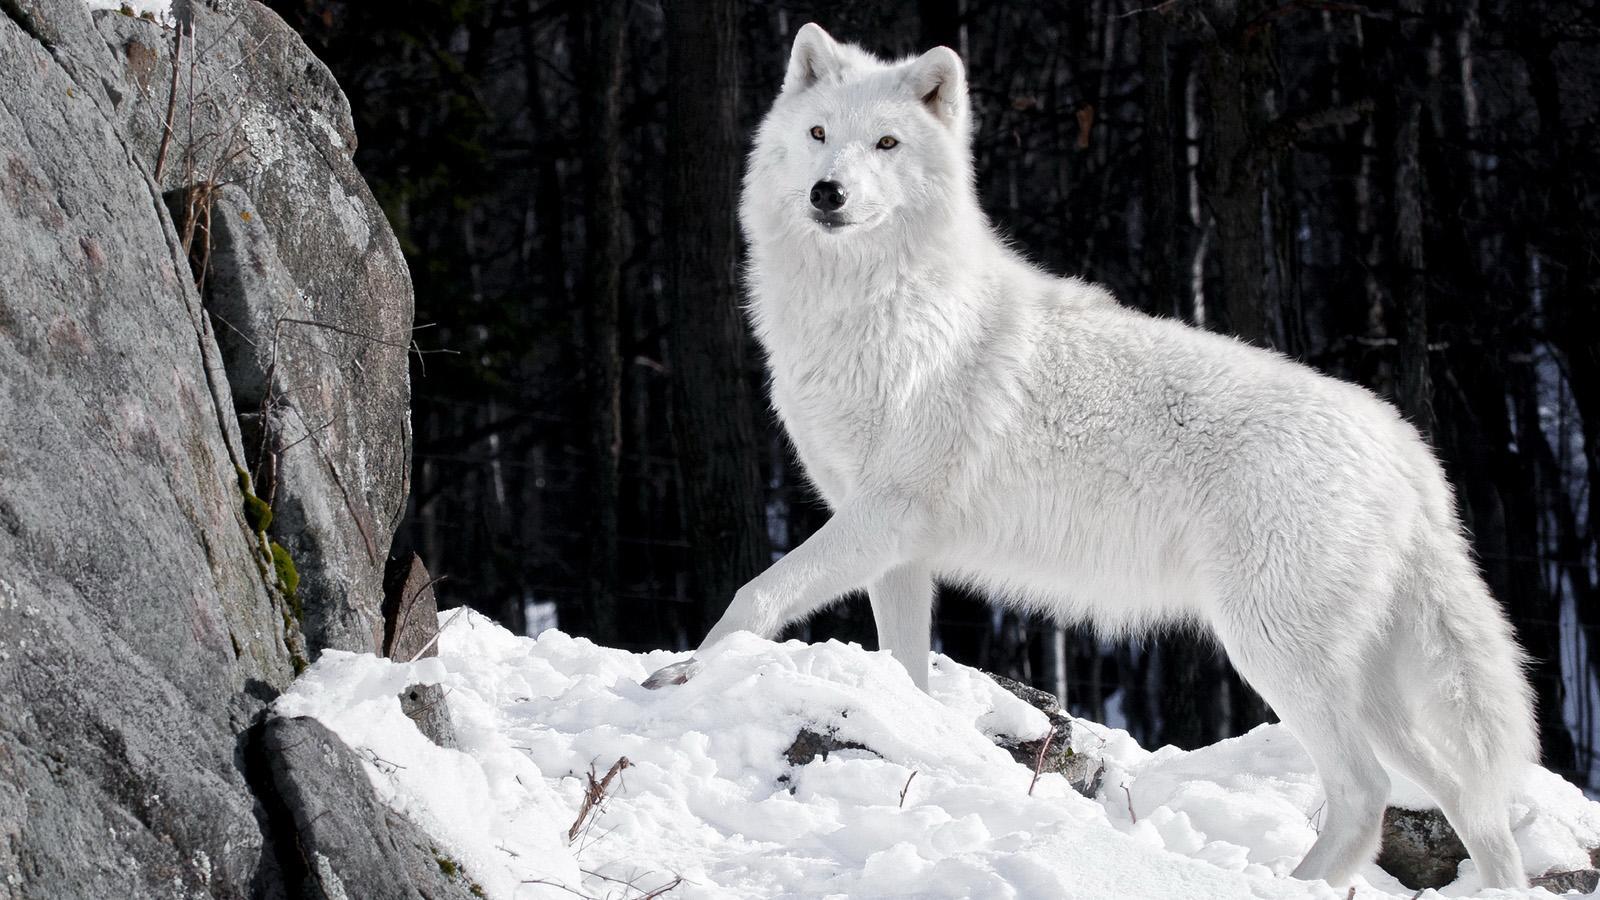 Wolf HD Wallpaper Live   screenshot 1600x900